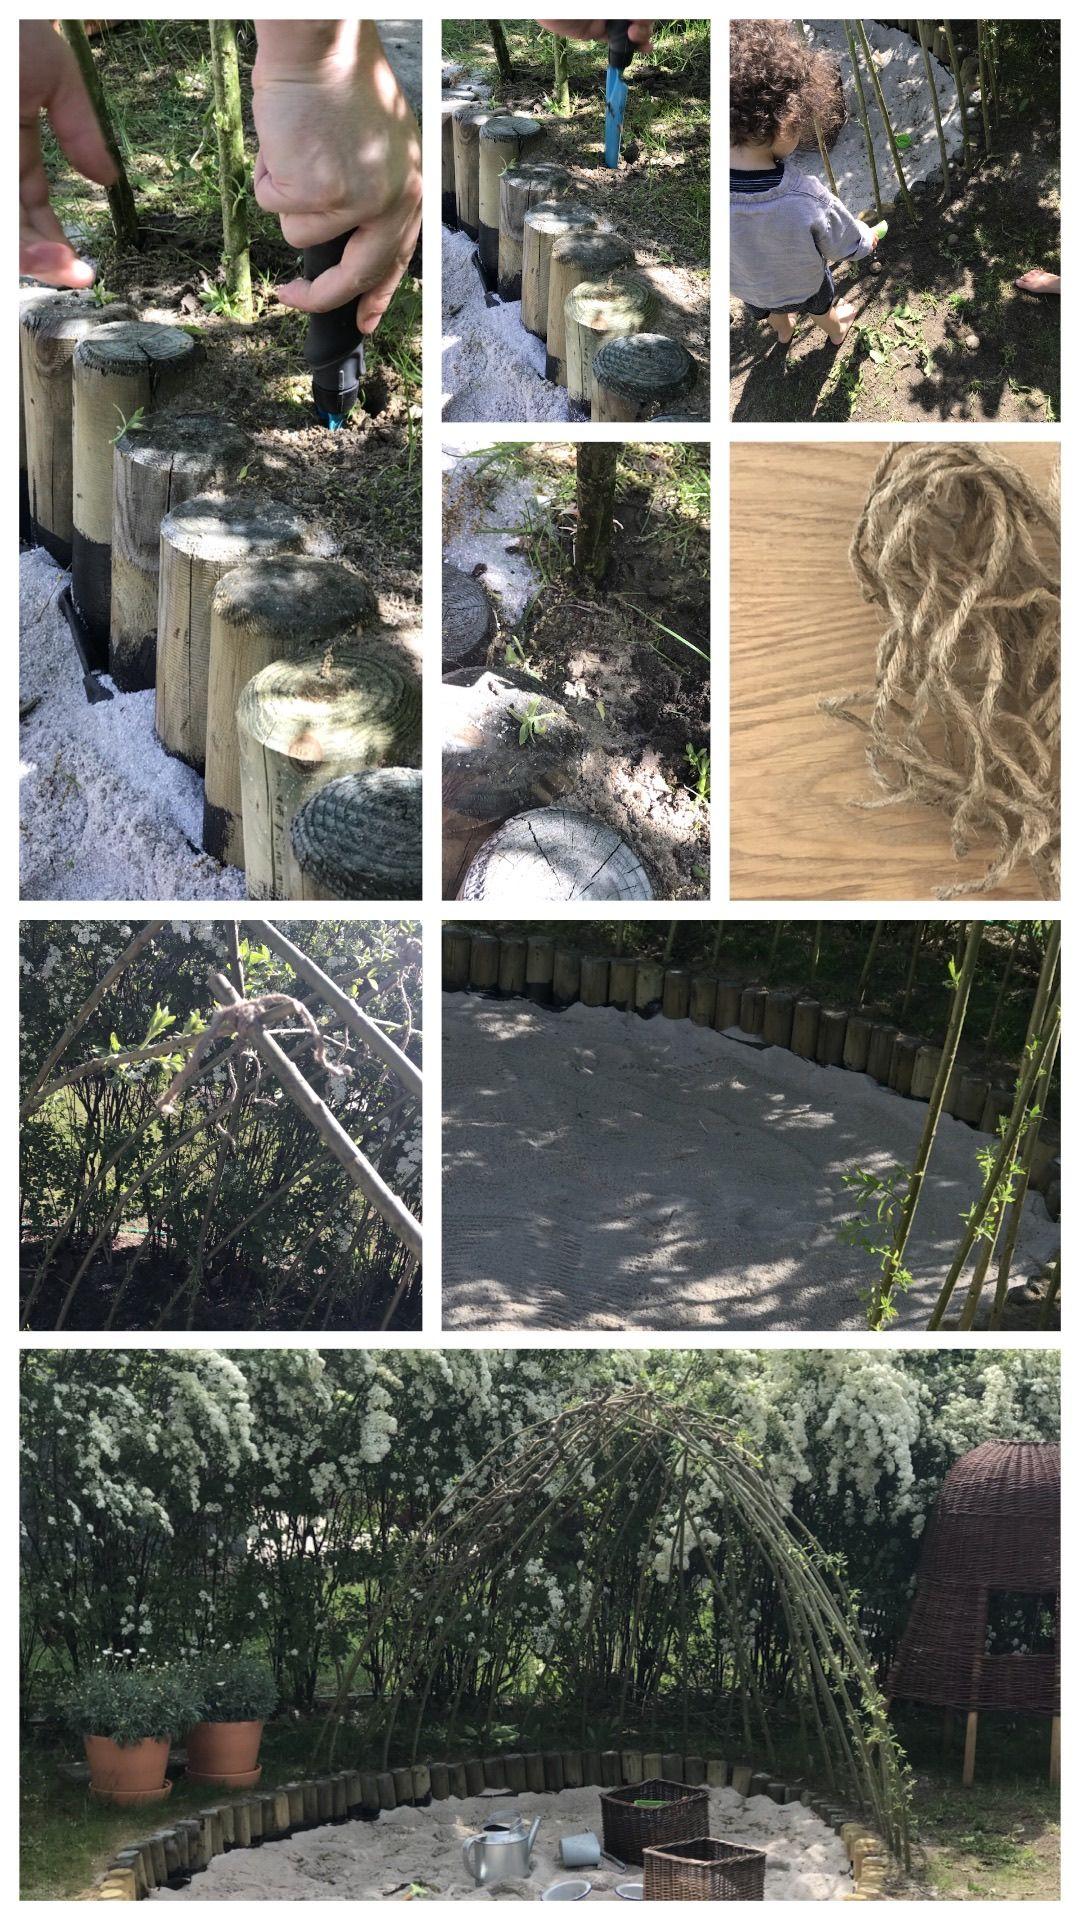 Bodennahe Natur Sandkiste aus Palisaden bauen mit Weidendach ...